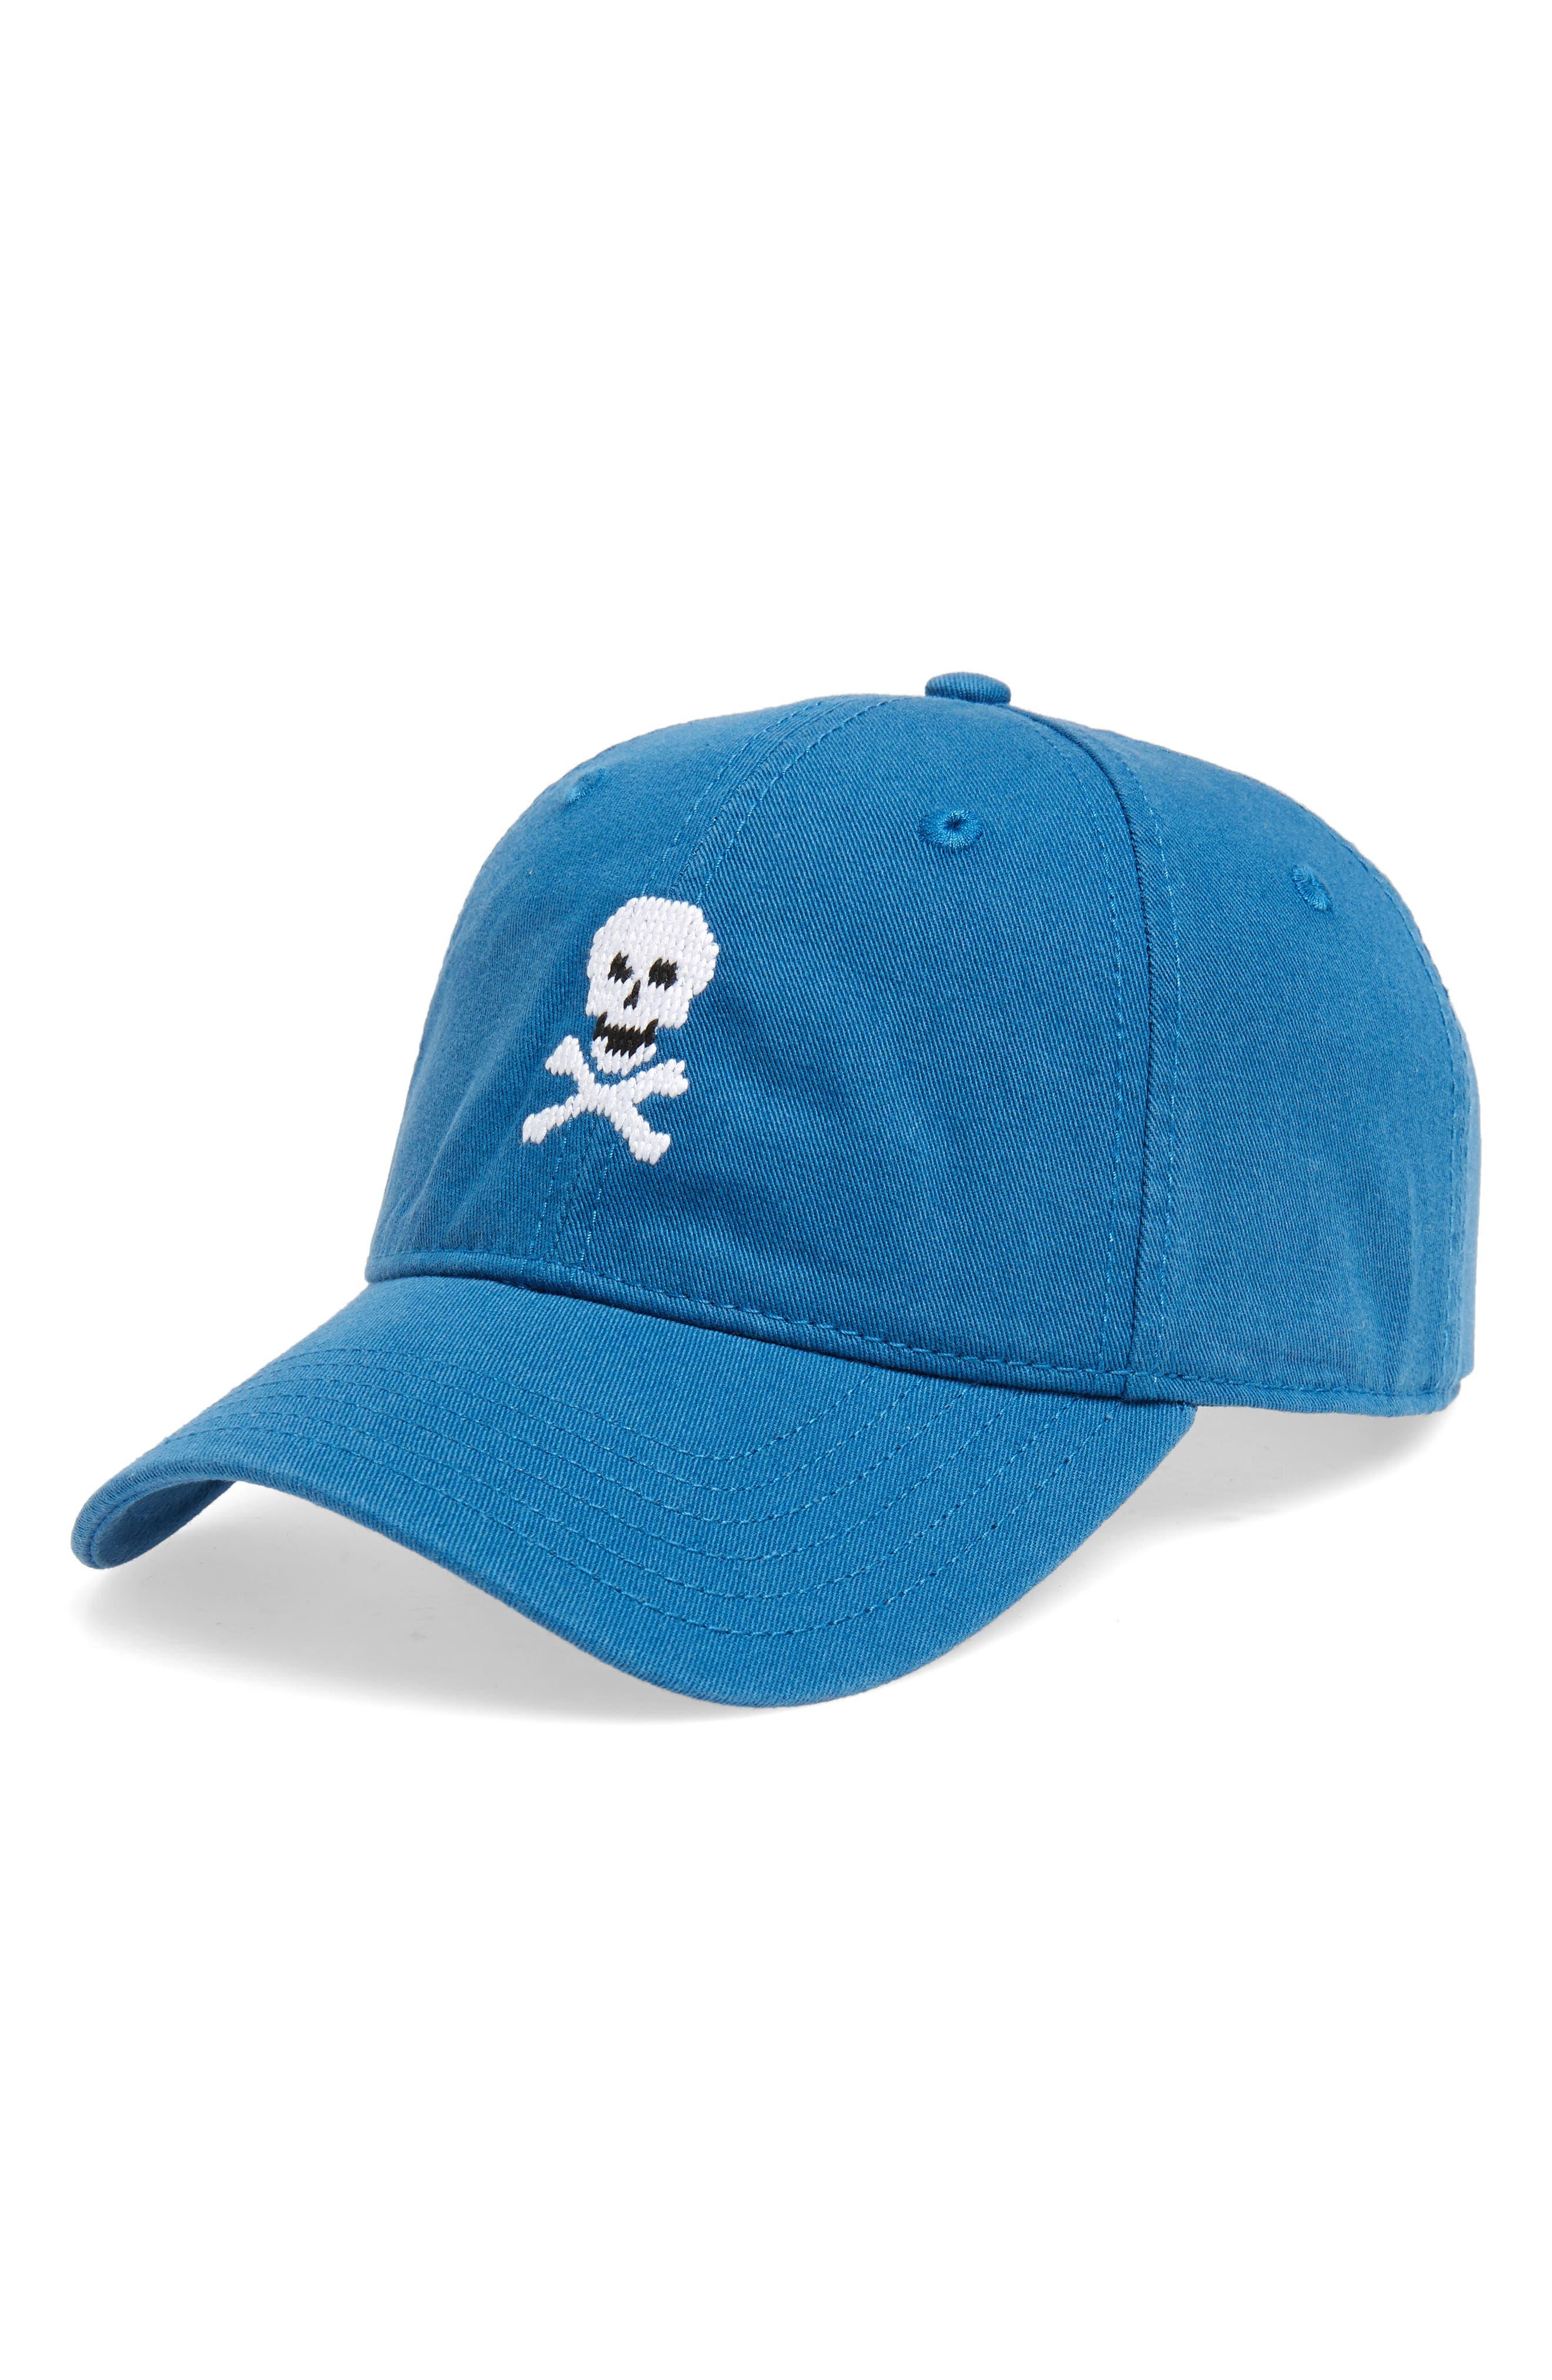 Skull & Bones Baseball Cap,                         Main,                         color, CASPIAN BLUE